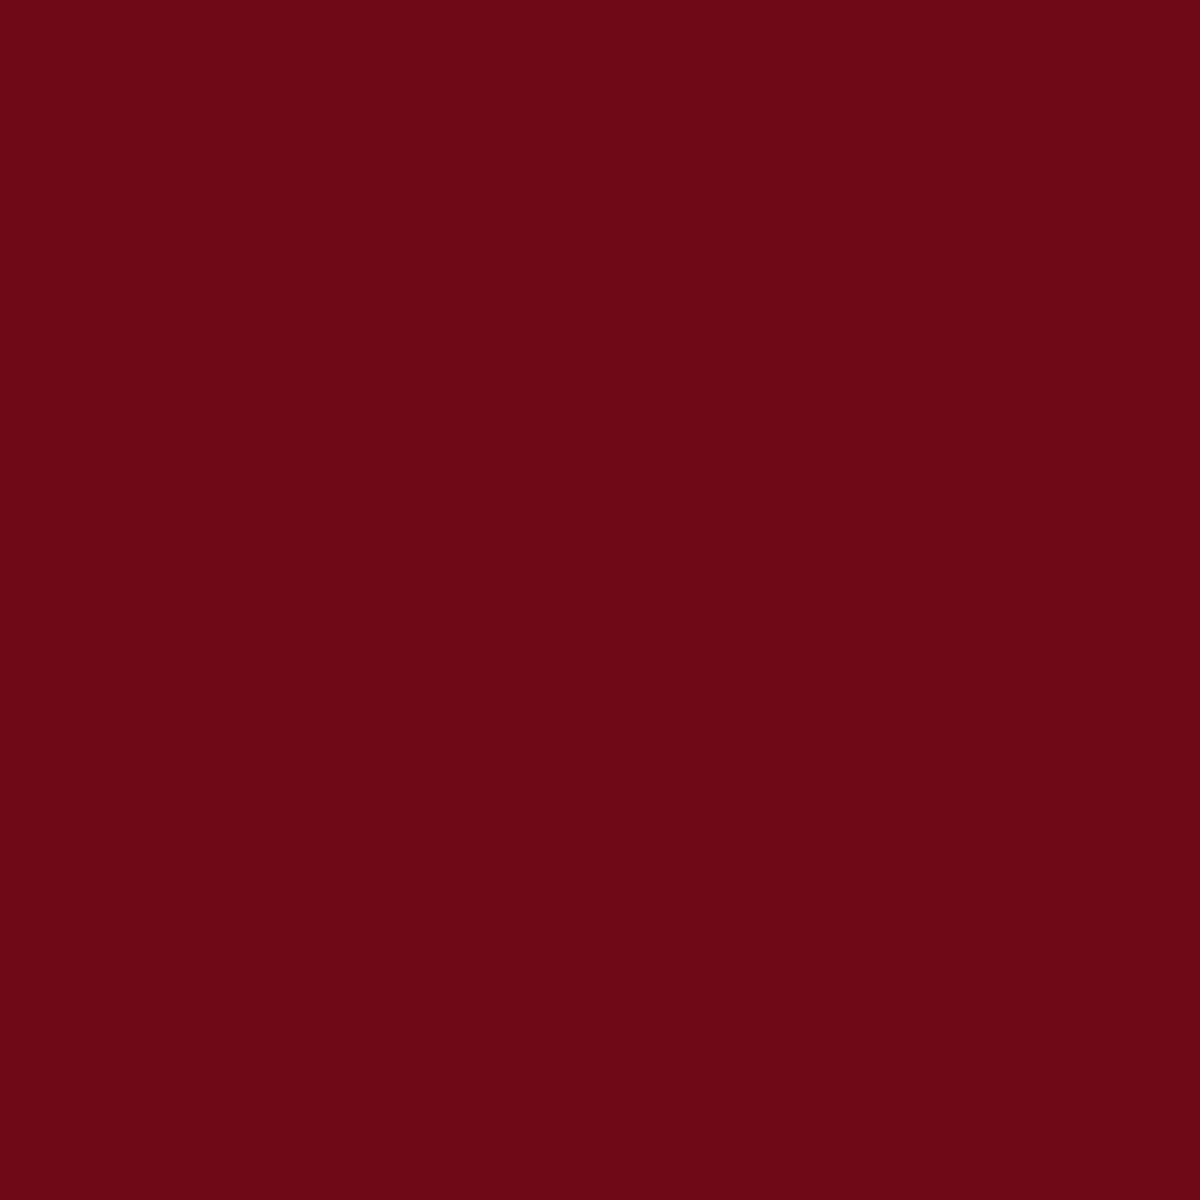 Виниловая самоклеющаяся пленка G-3035 (глянец) 1,06м